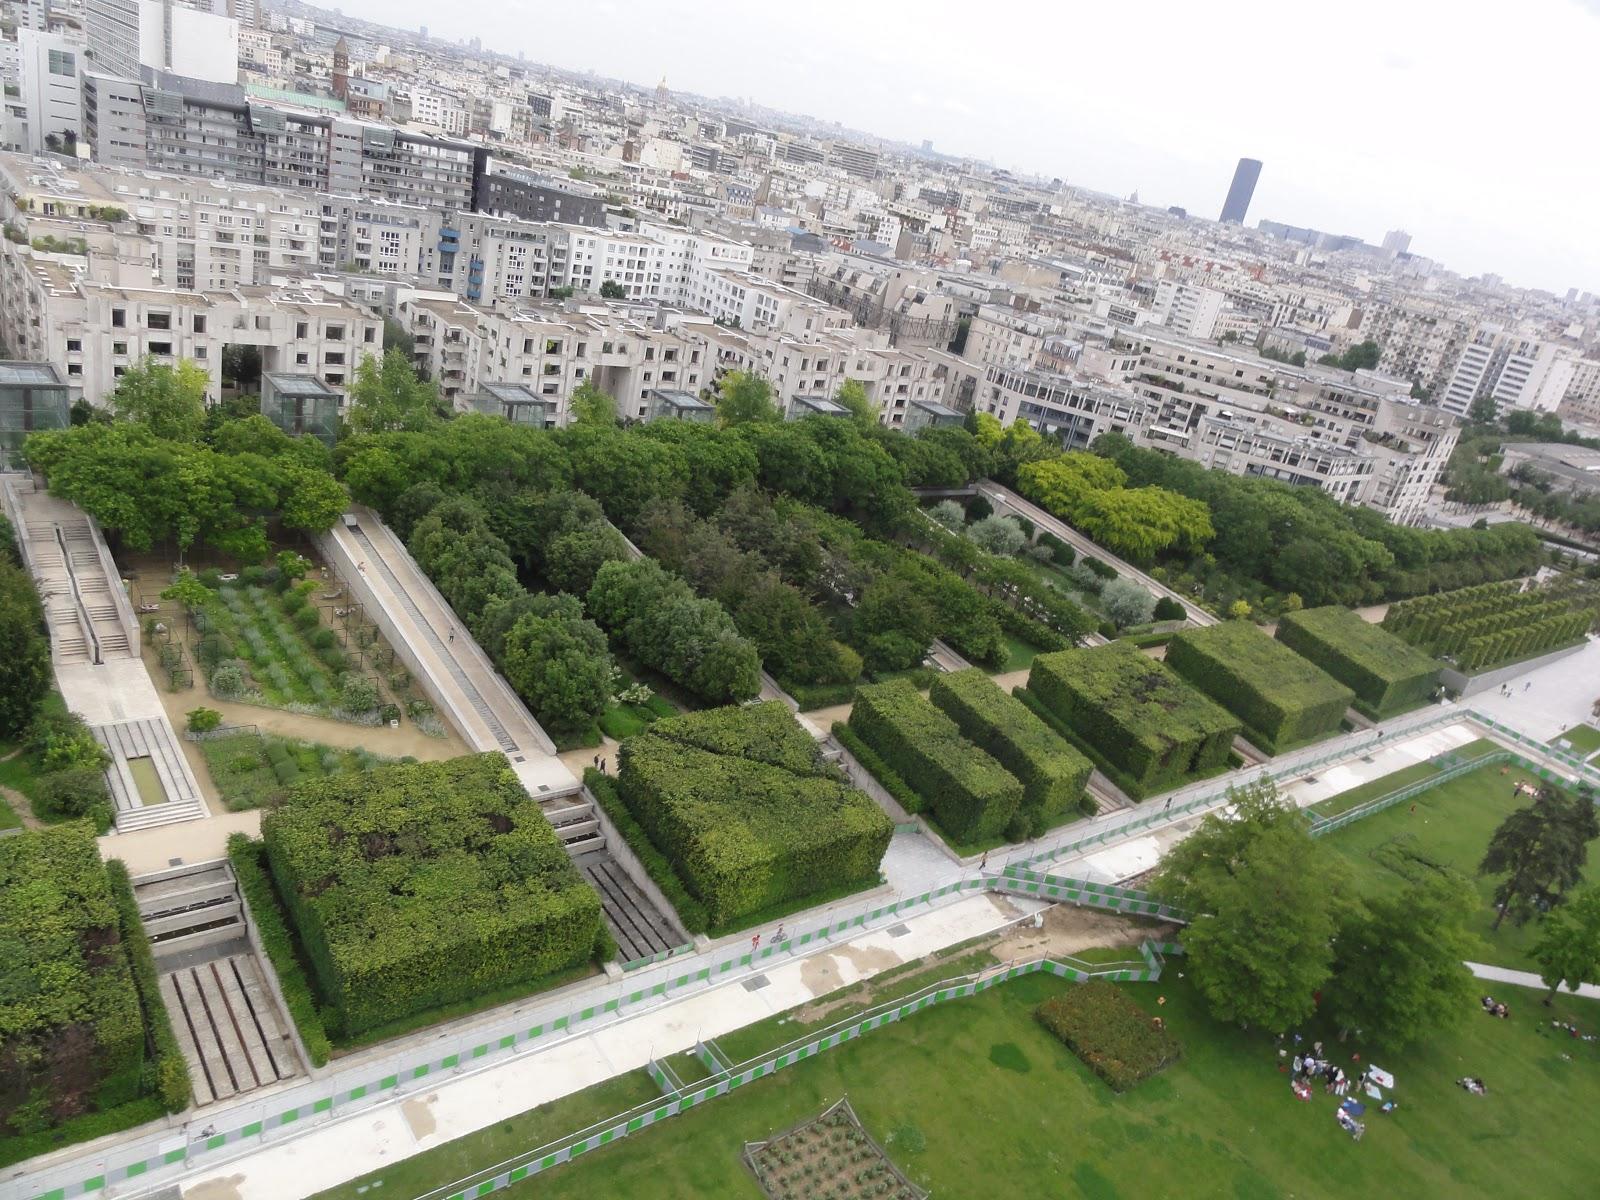 Le coquelicot tiger lily parc andr citro n paris for Le jardin